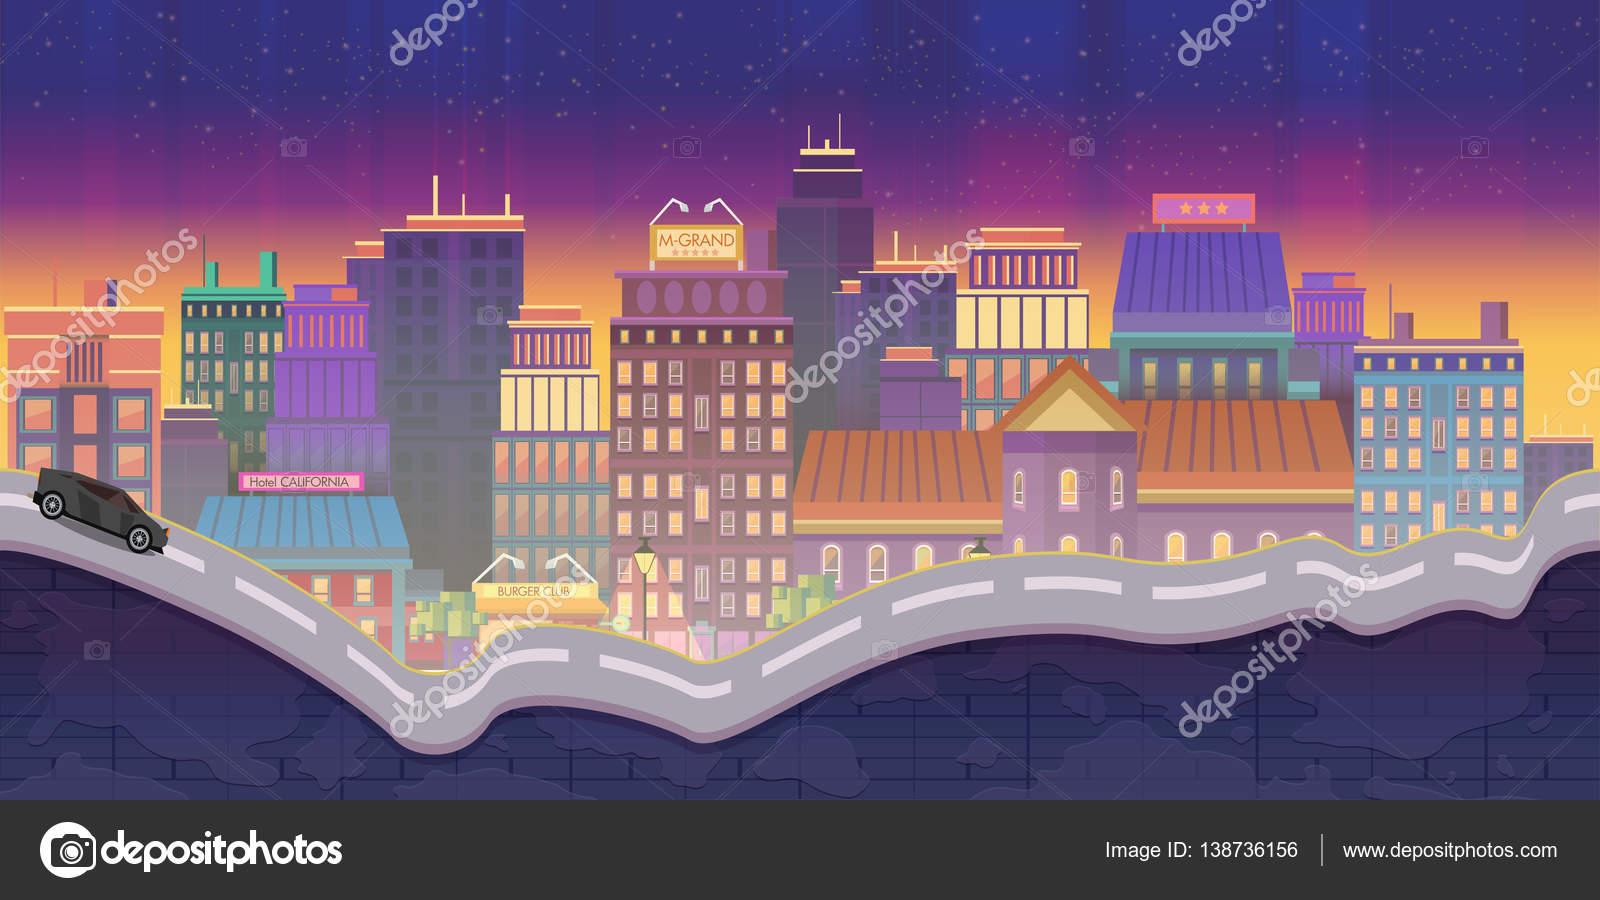 市ゲーム, 夜背景イラスト — ストックベクター © vitaliyvill #138736156